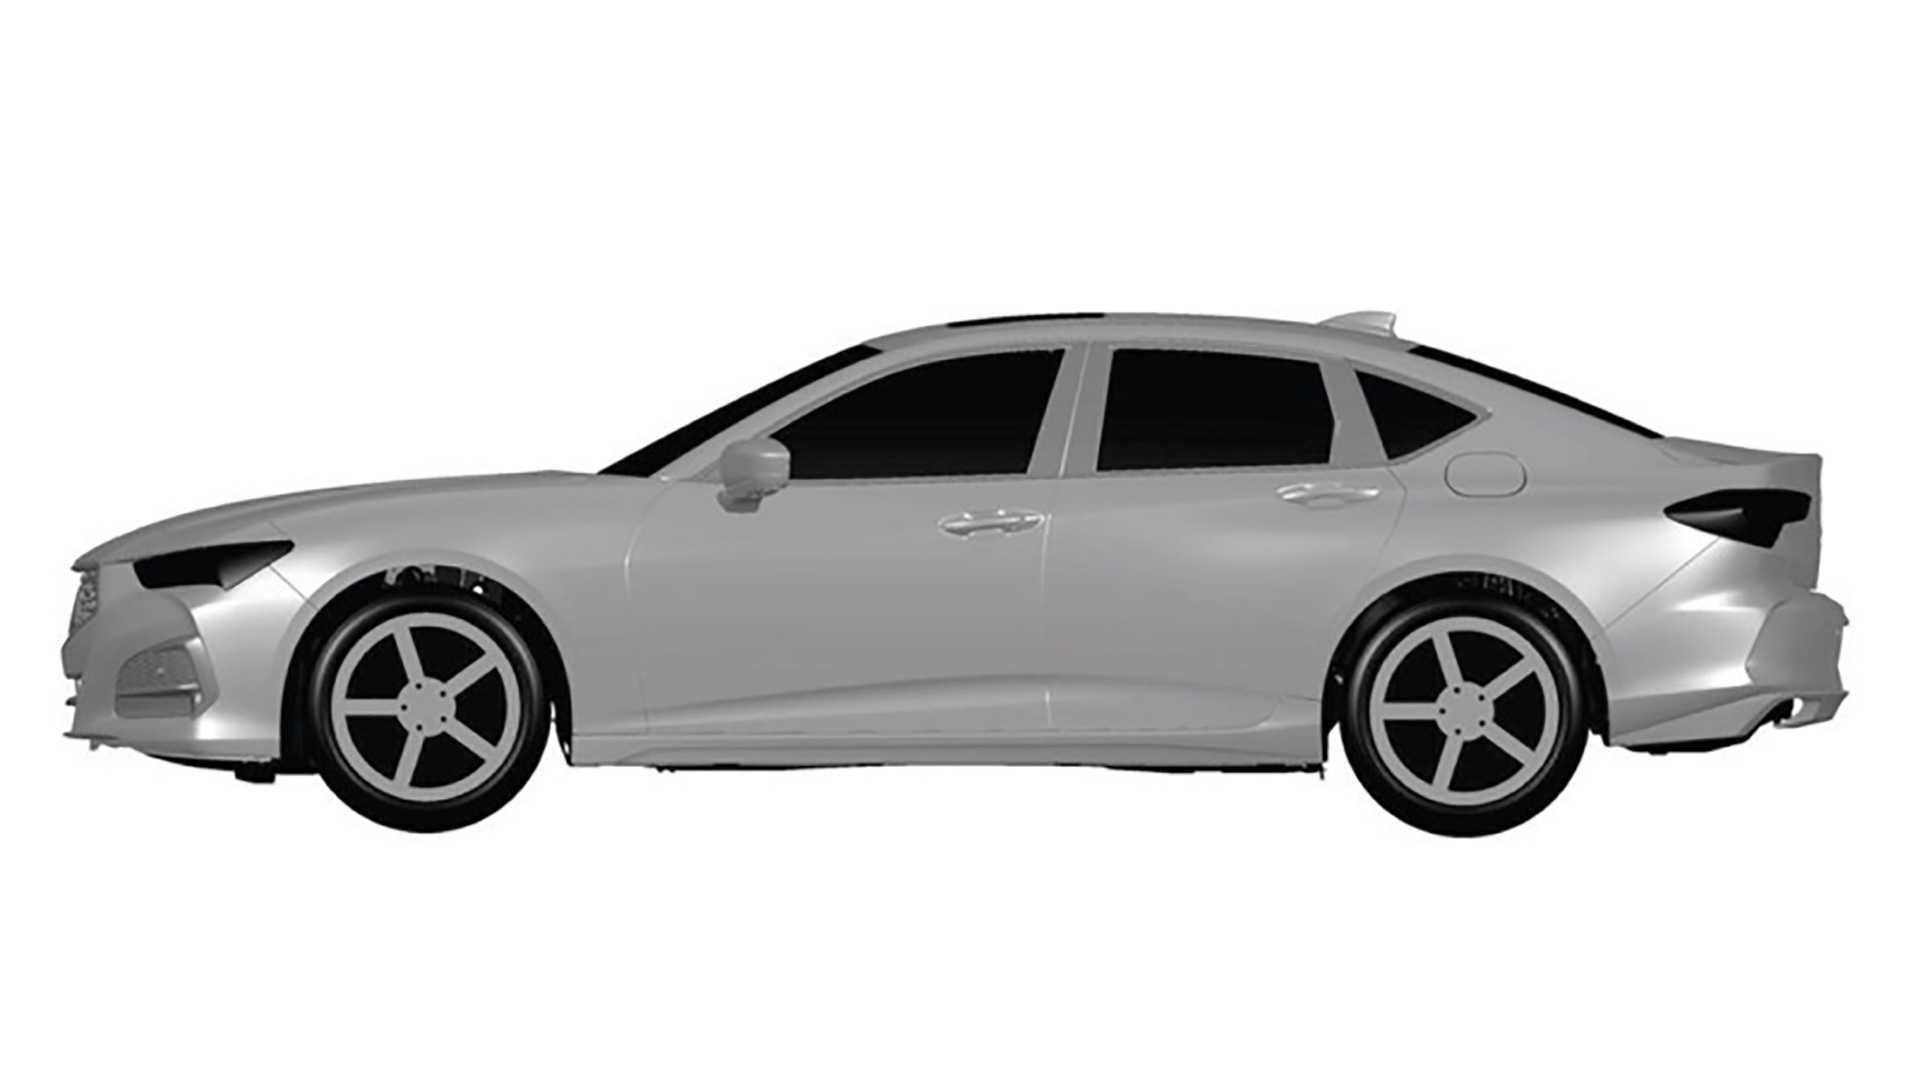 https://cdn.motor1.com/images/mgl/pp9J0/s1/2021-acura-tlx-patent-images-leak.jpg